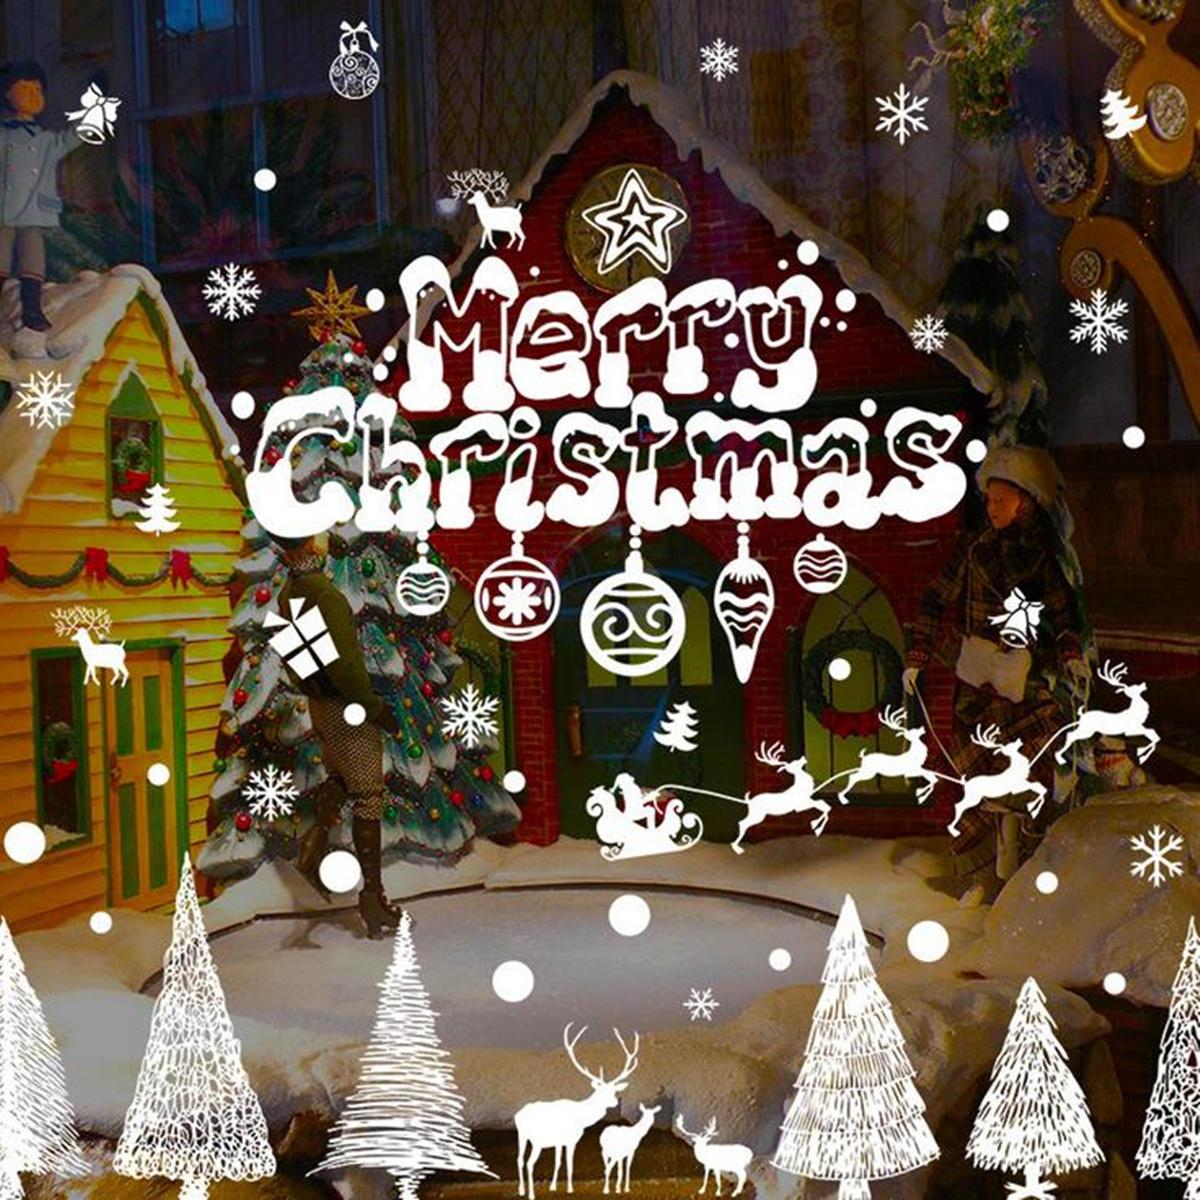 Merry Christmas Pencere Sticker Kar Tanesi Ren Geyiği Ağacı Duvar Ev Mağaza Dekorasyonu Duvar Sticker